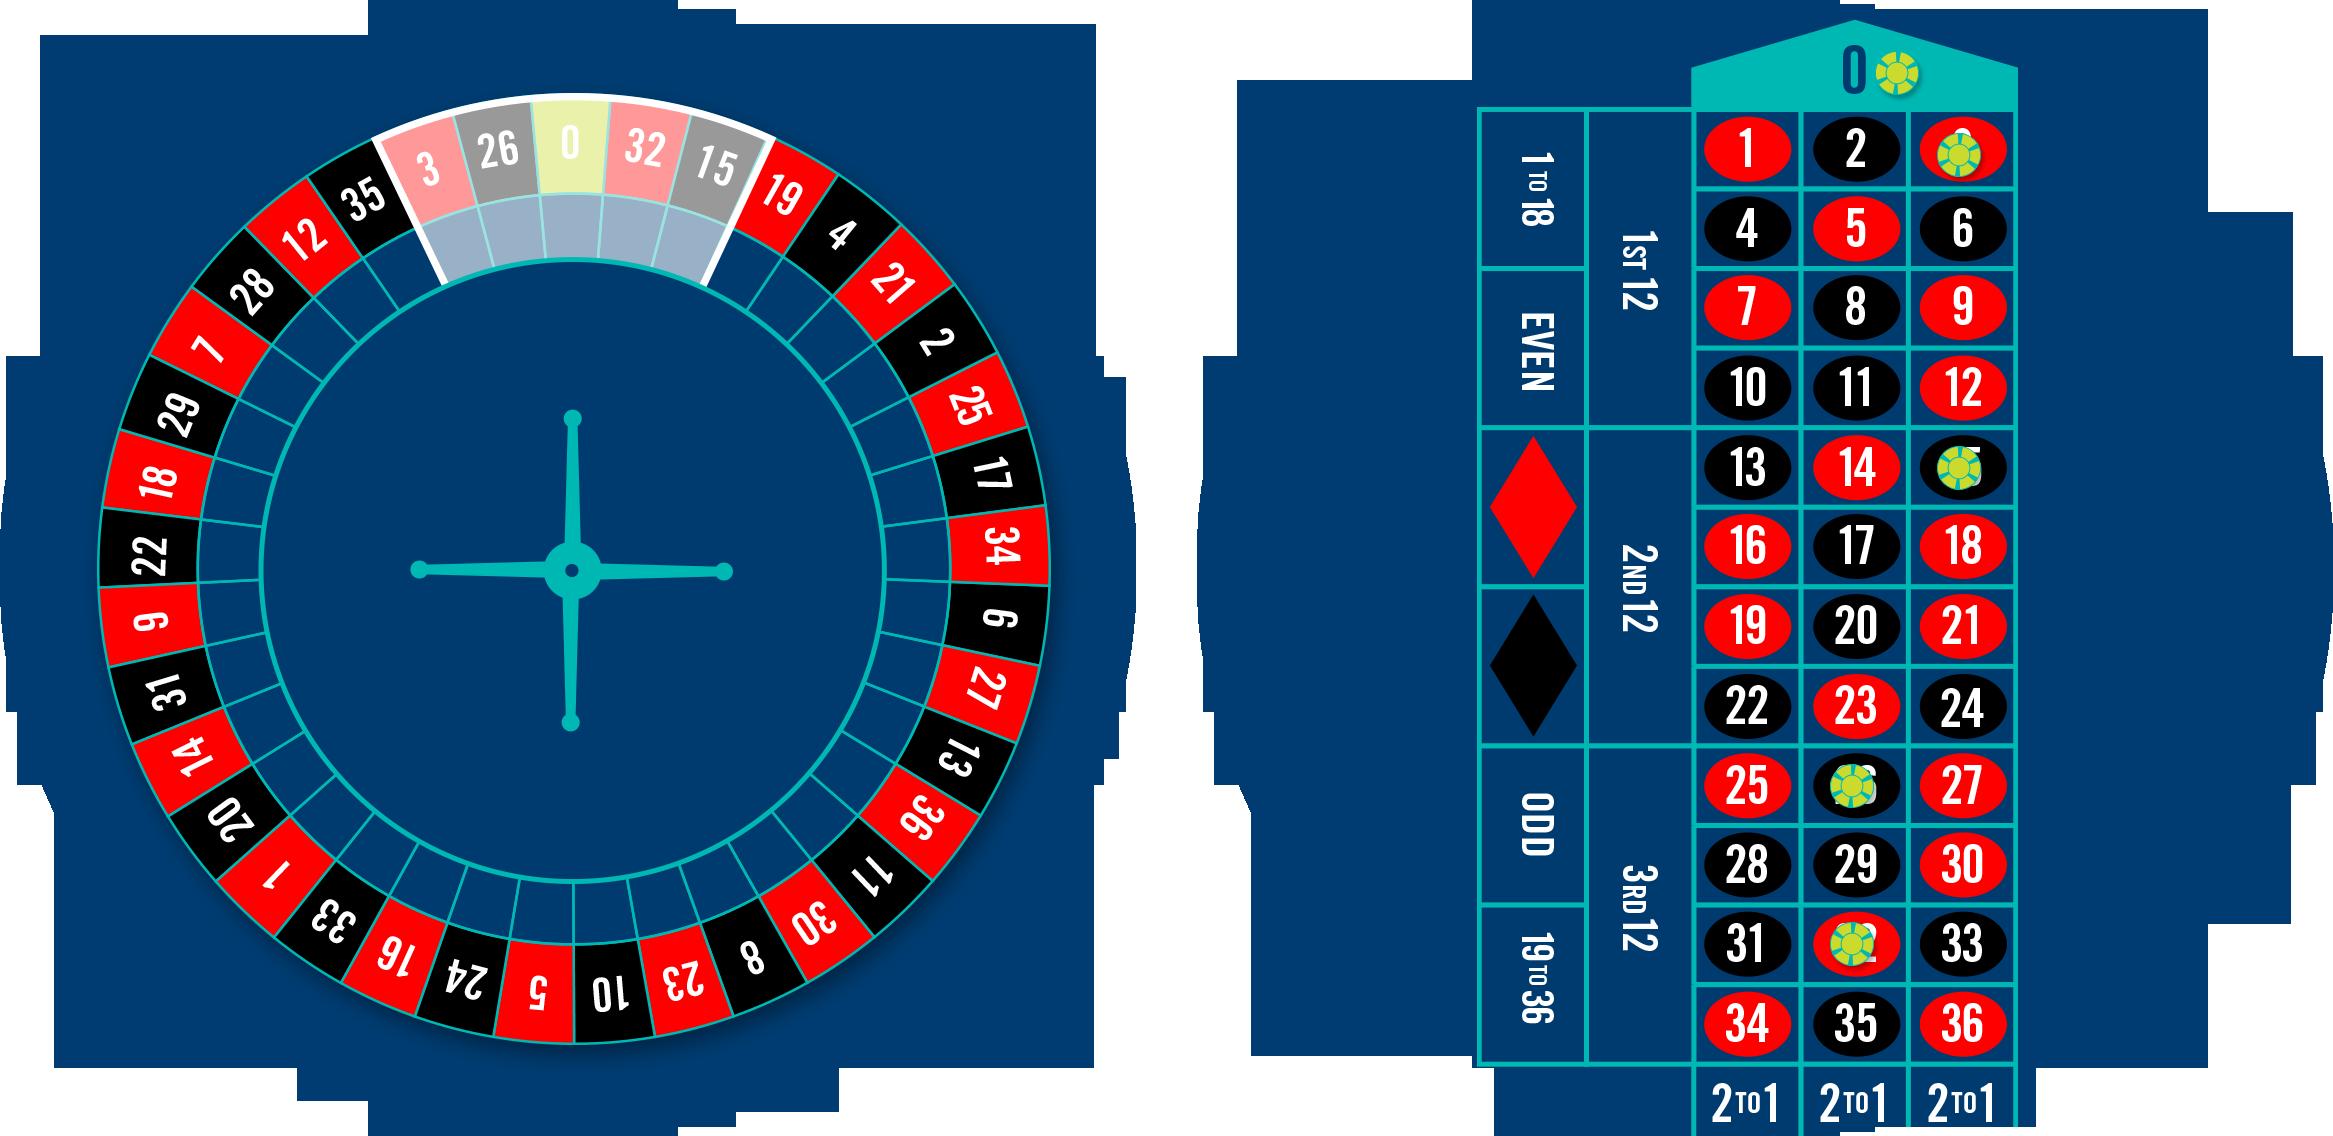 特別顯示鄰注區的輪盤,以及鄰注區放着五個籌碼的輪盤賭桌。